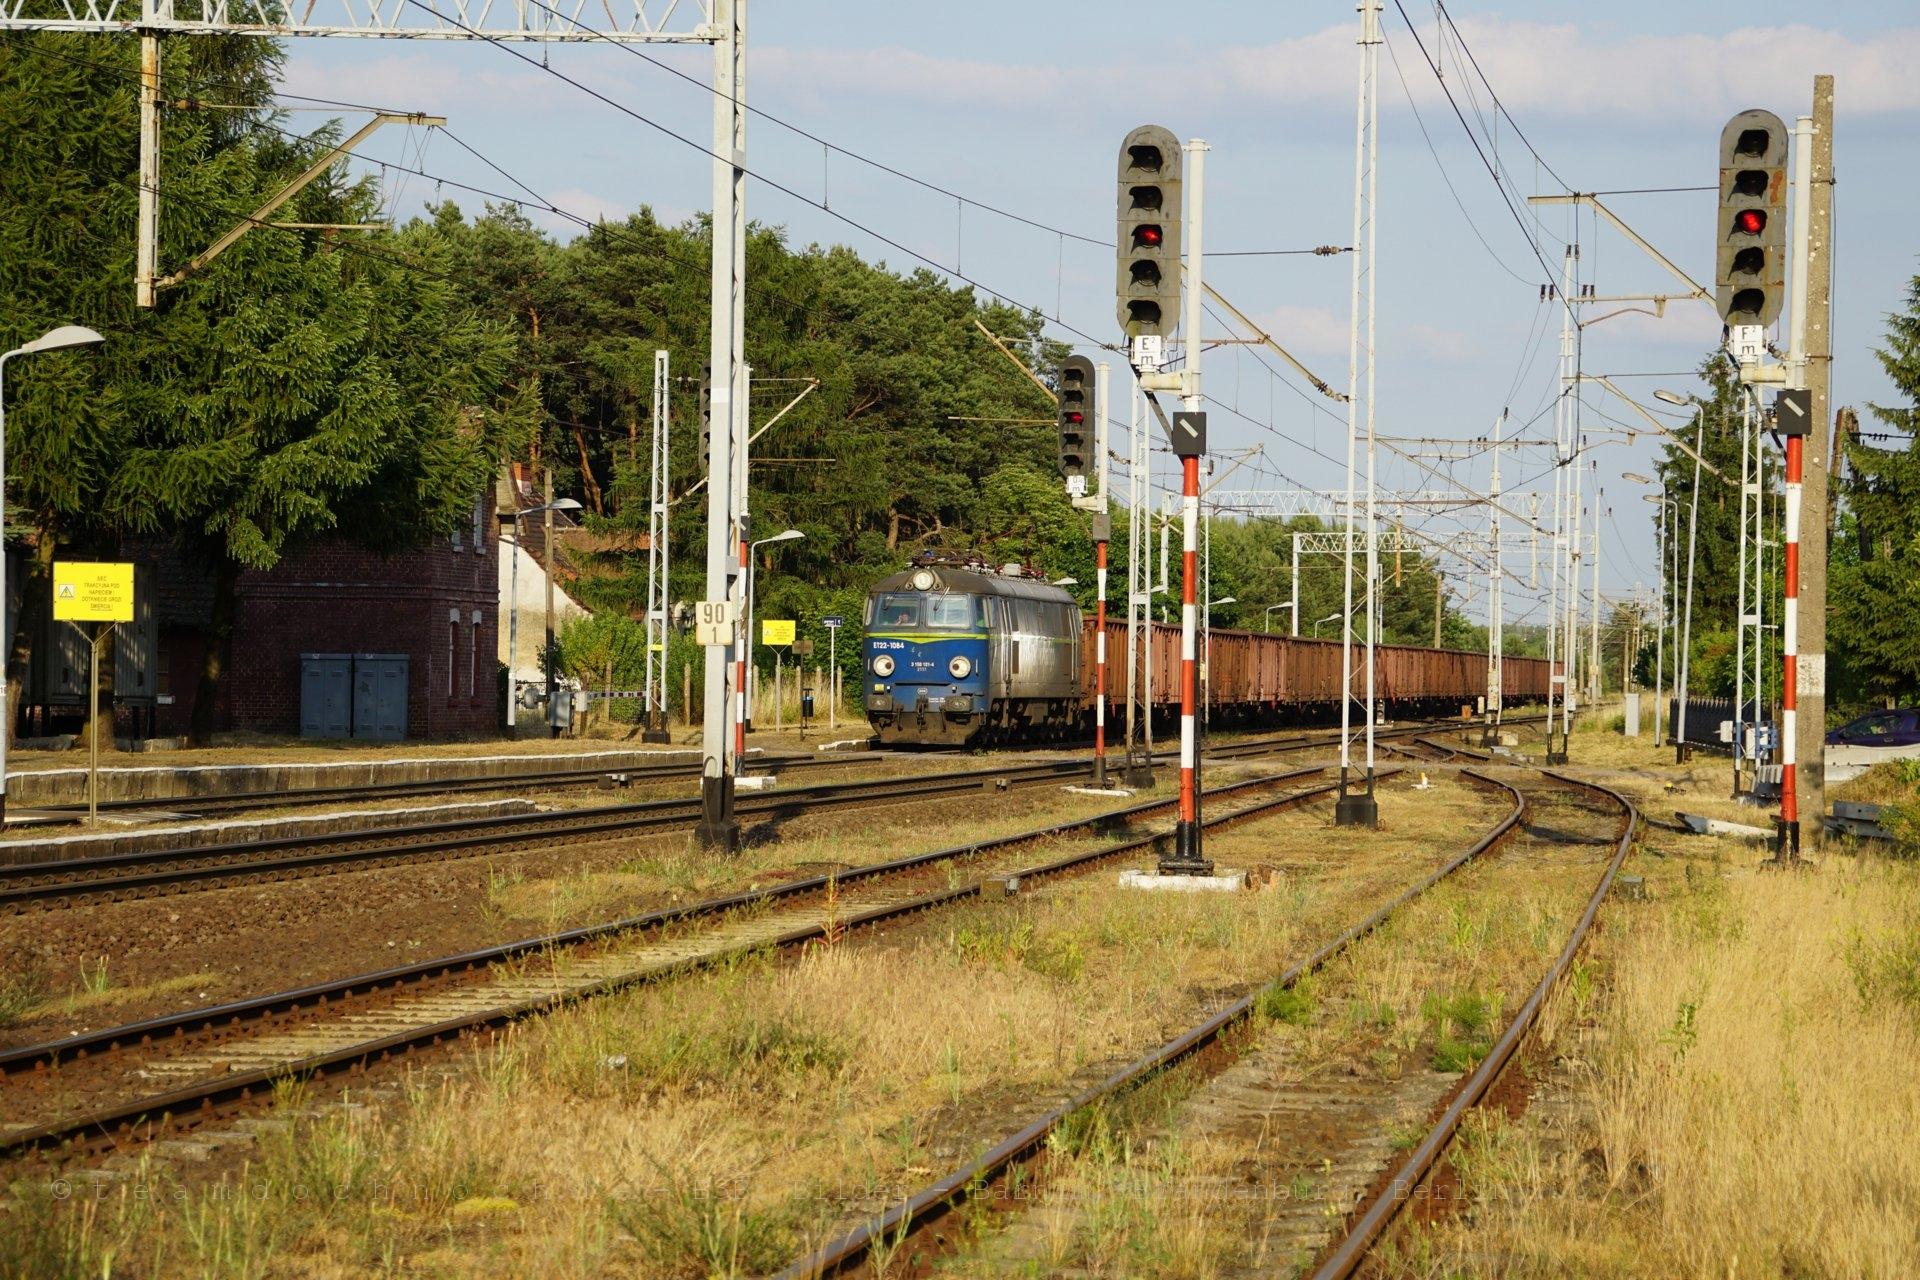 ET22-1084 durchfährt aus Krzyż kommend den Bahnhof von Drawiny